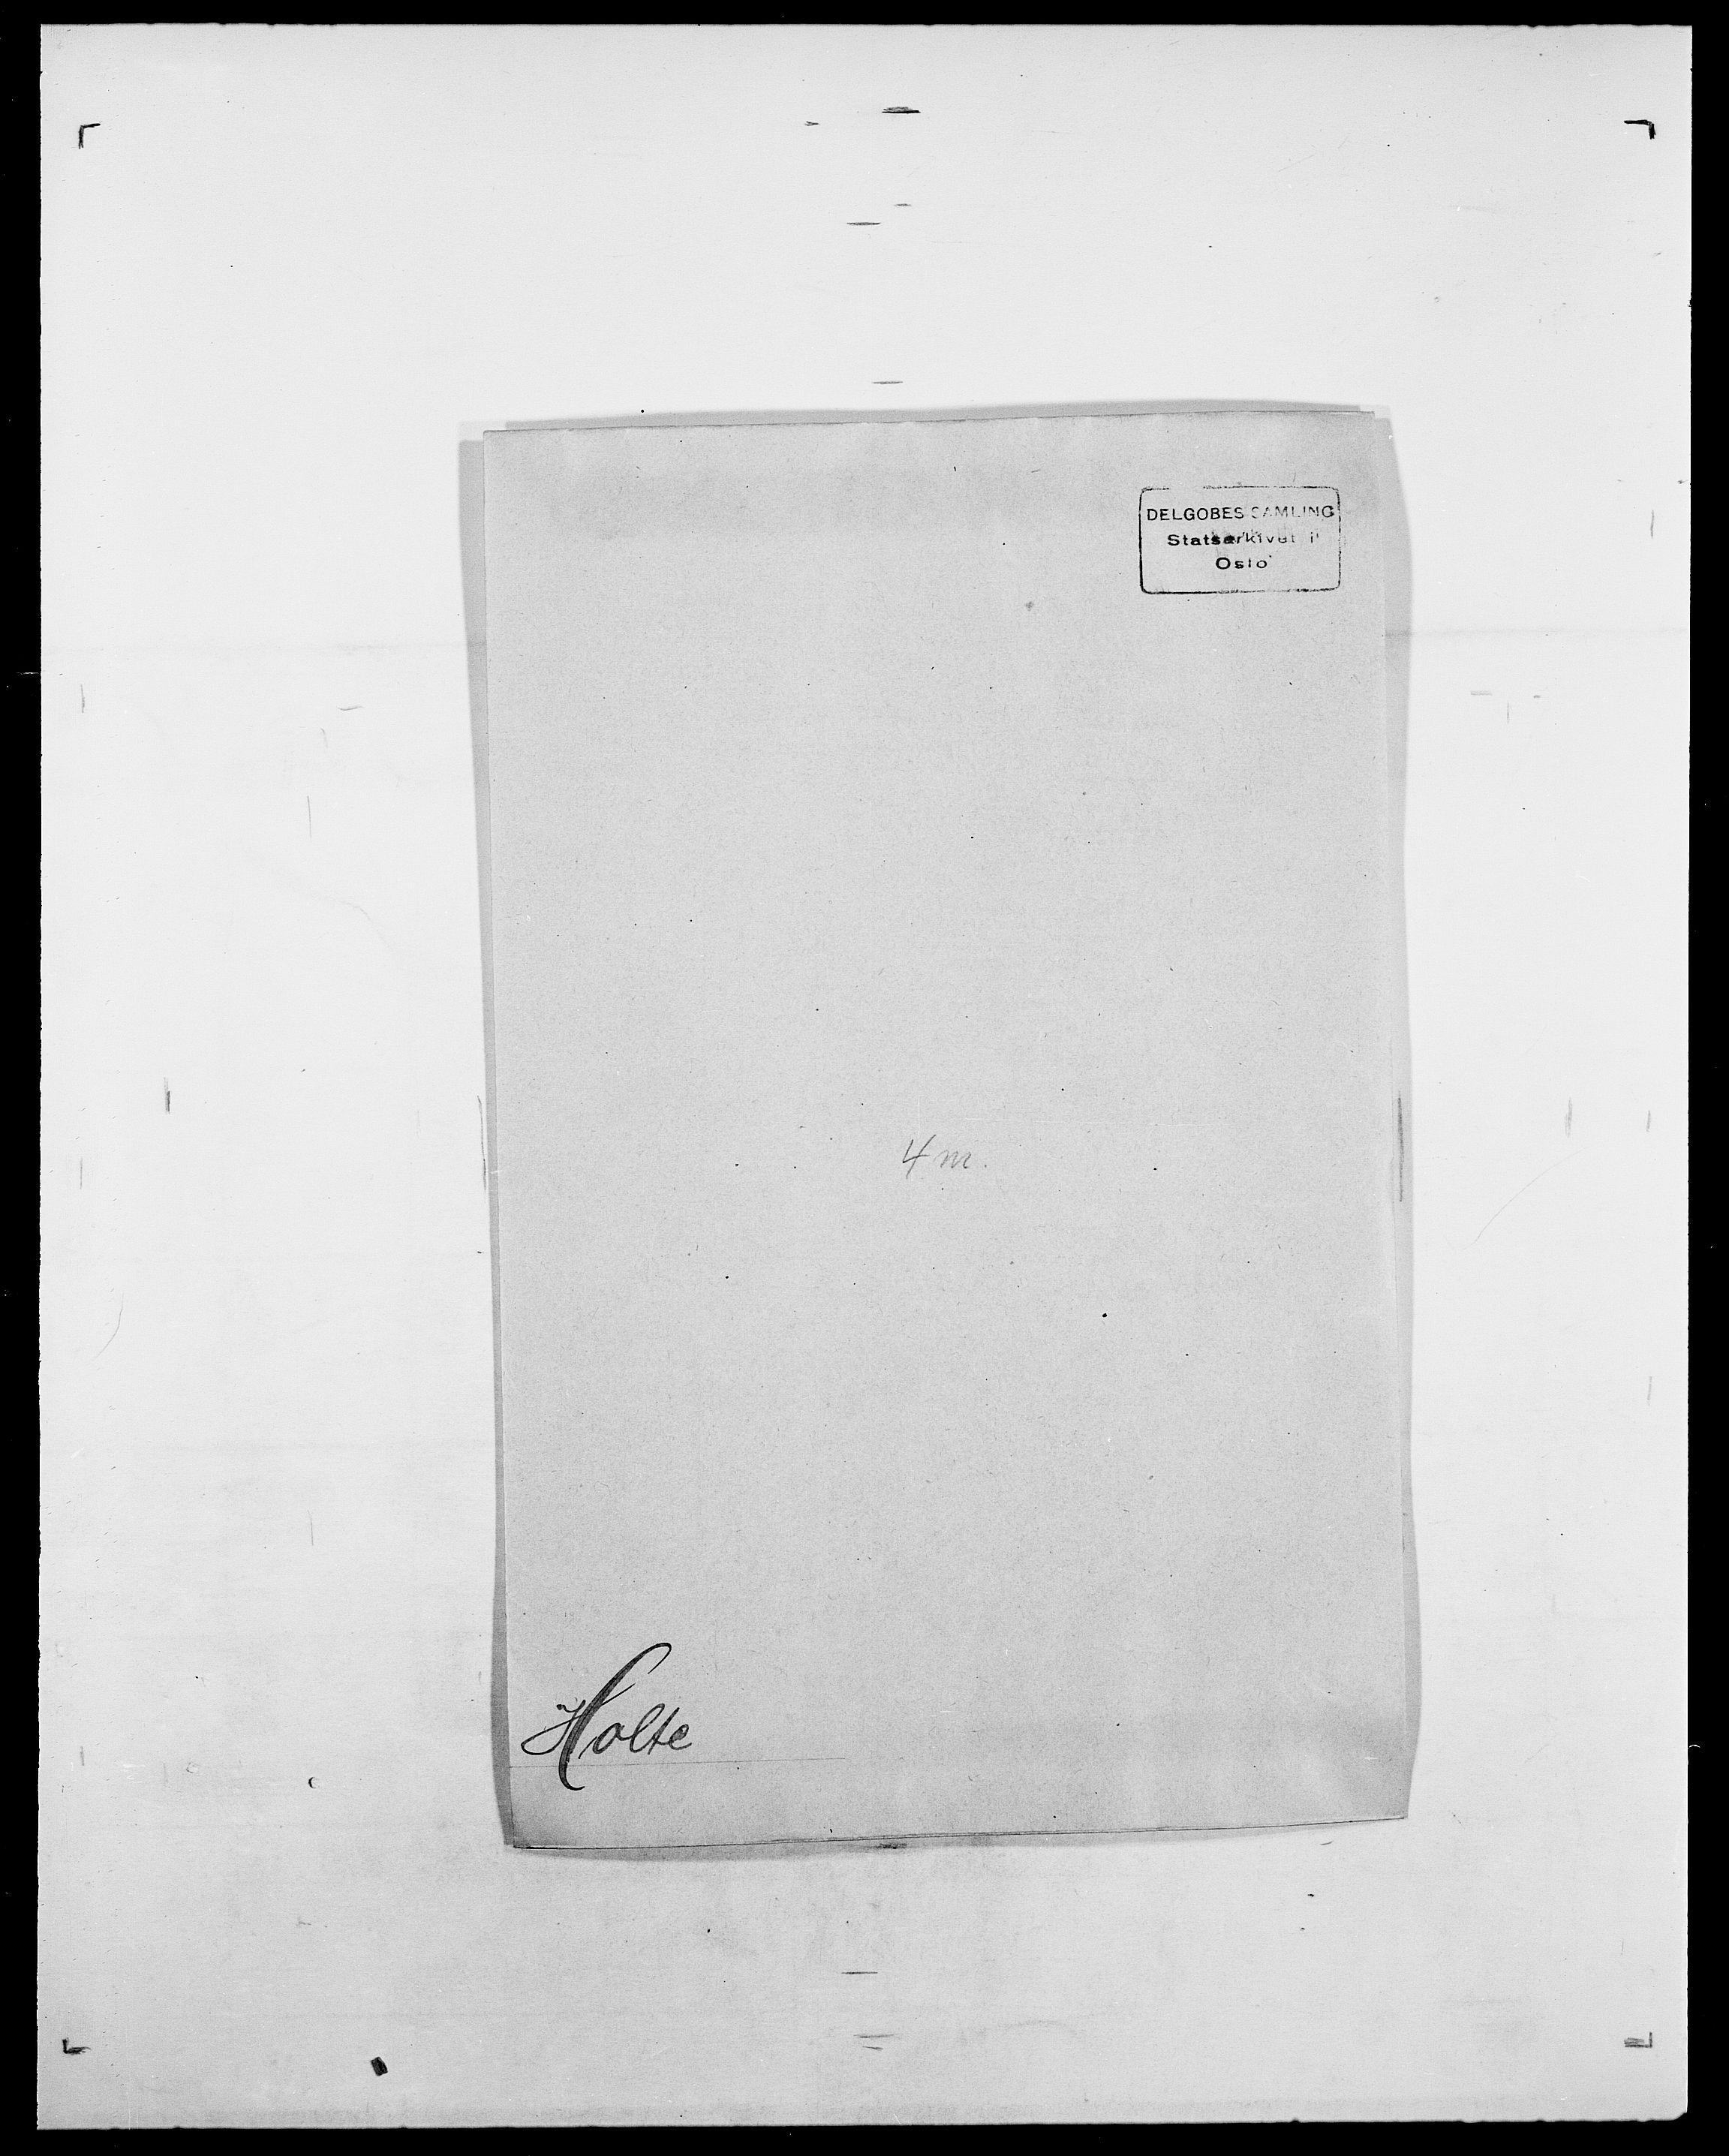 SAO, Delgobe, Charles Antoine - samling, D/Da/L0018: Hoch - Howert, s. 822